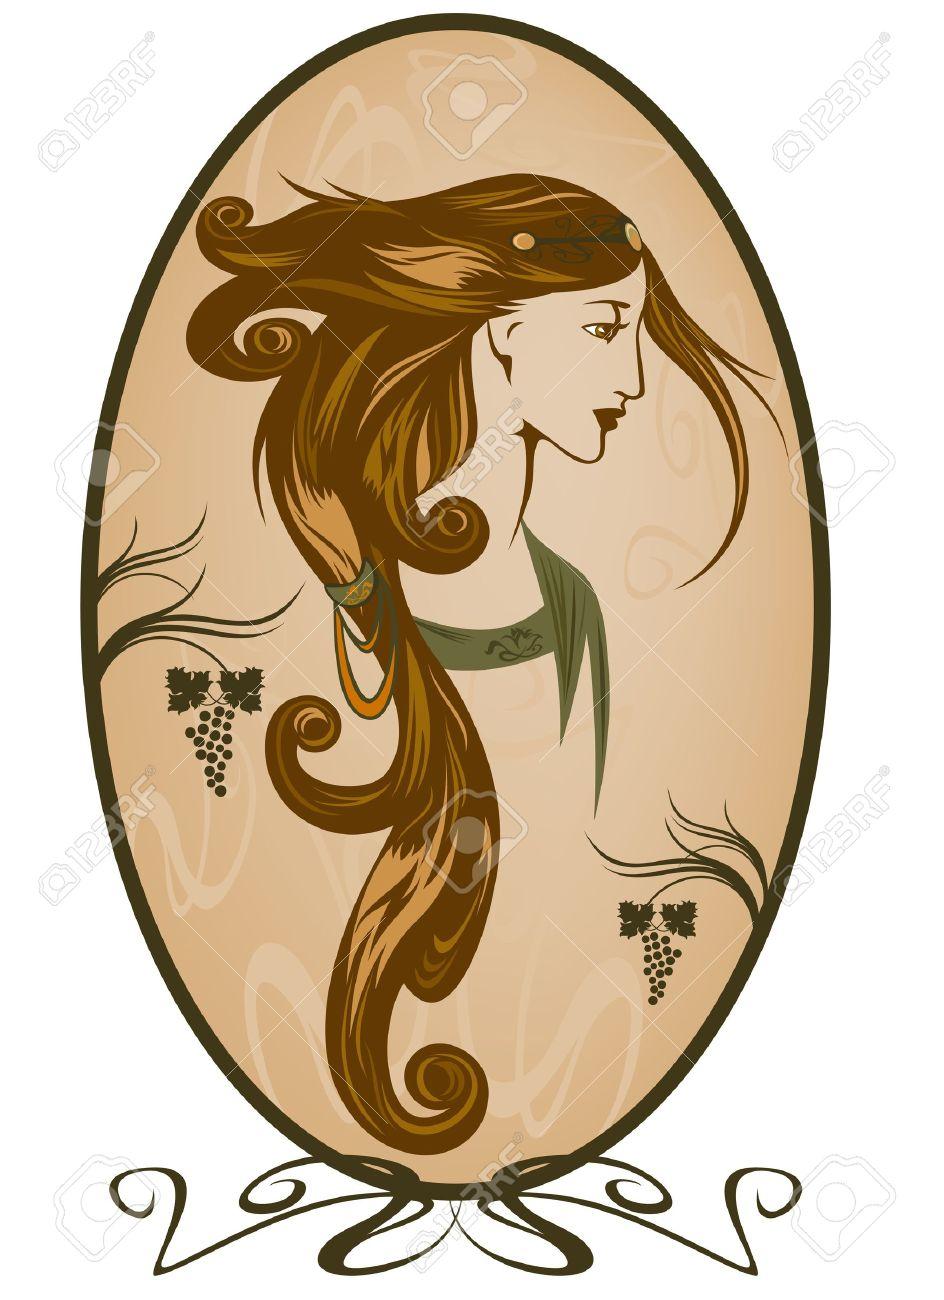 Art Nouveau style woman portrait Stock Vector - 10239001